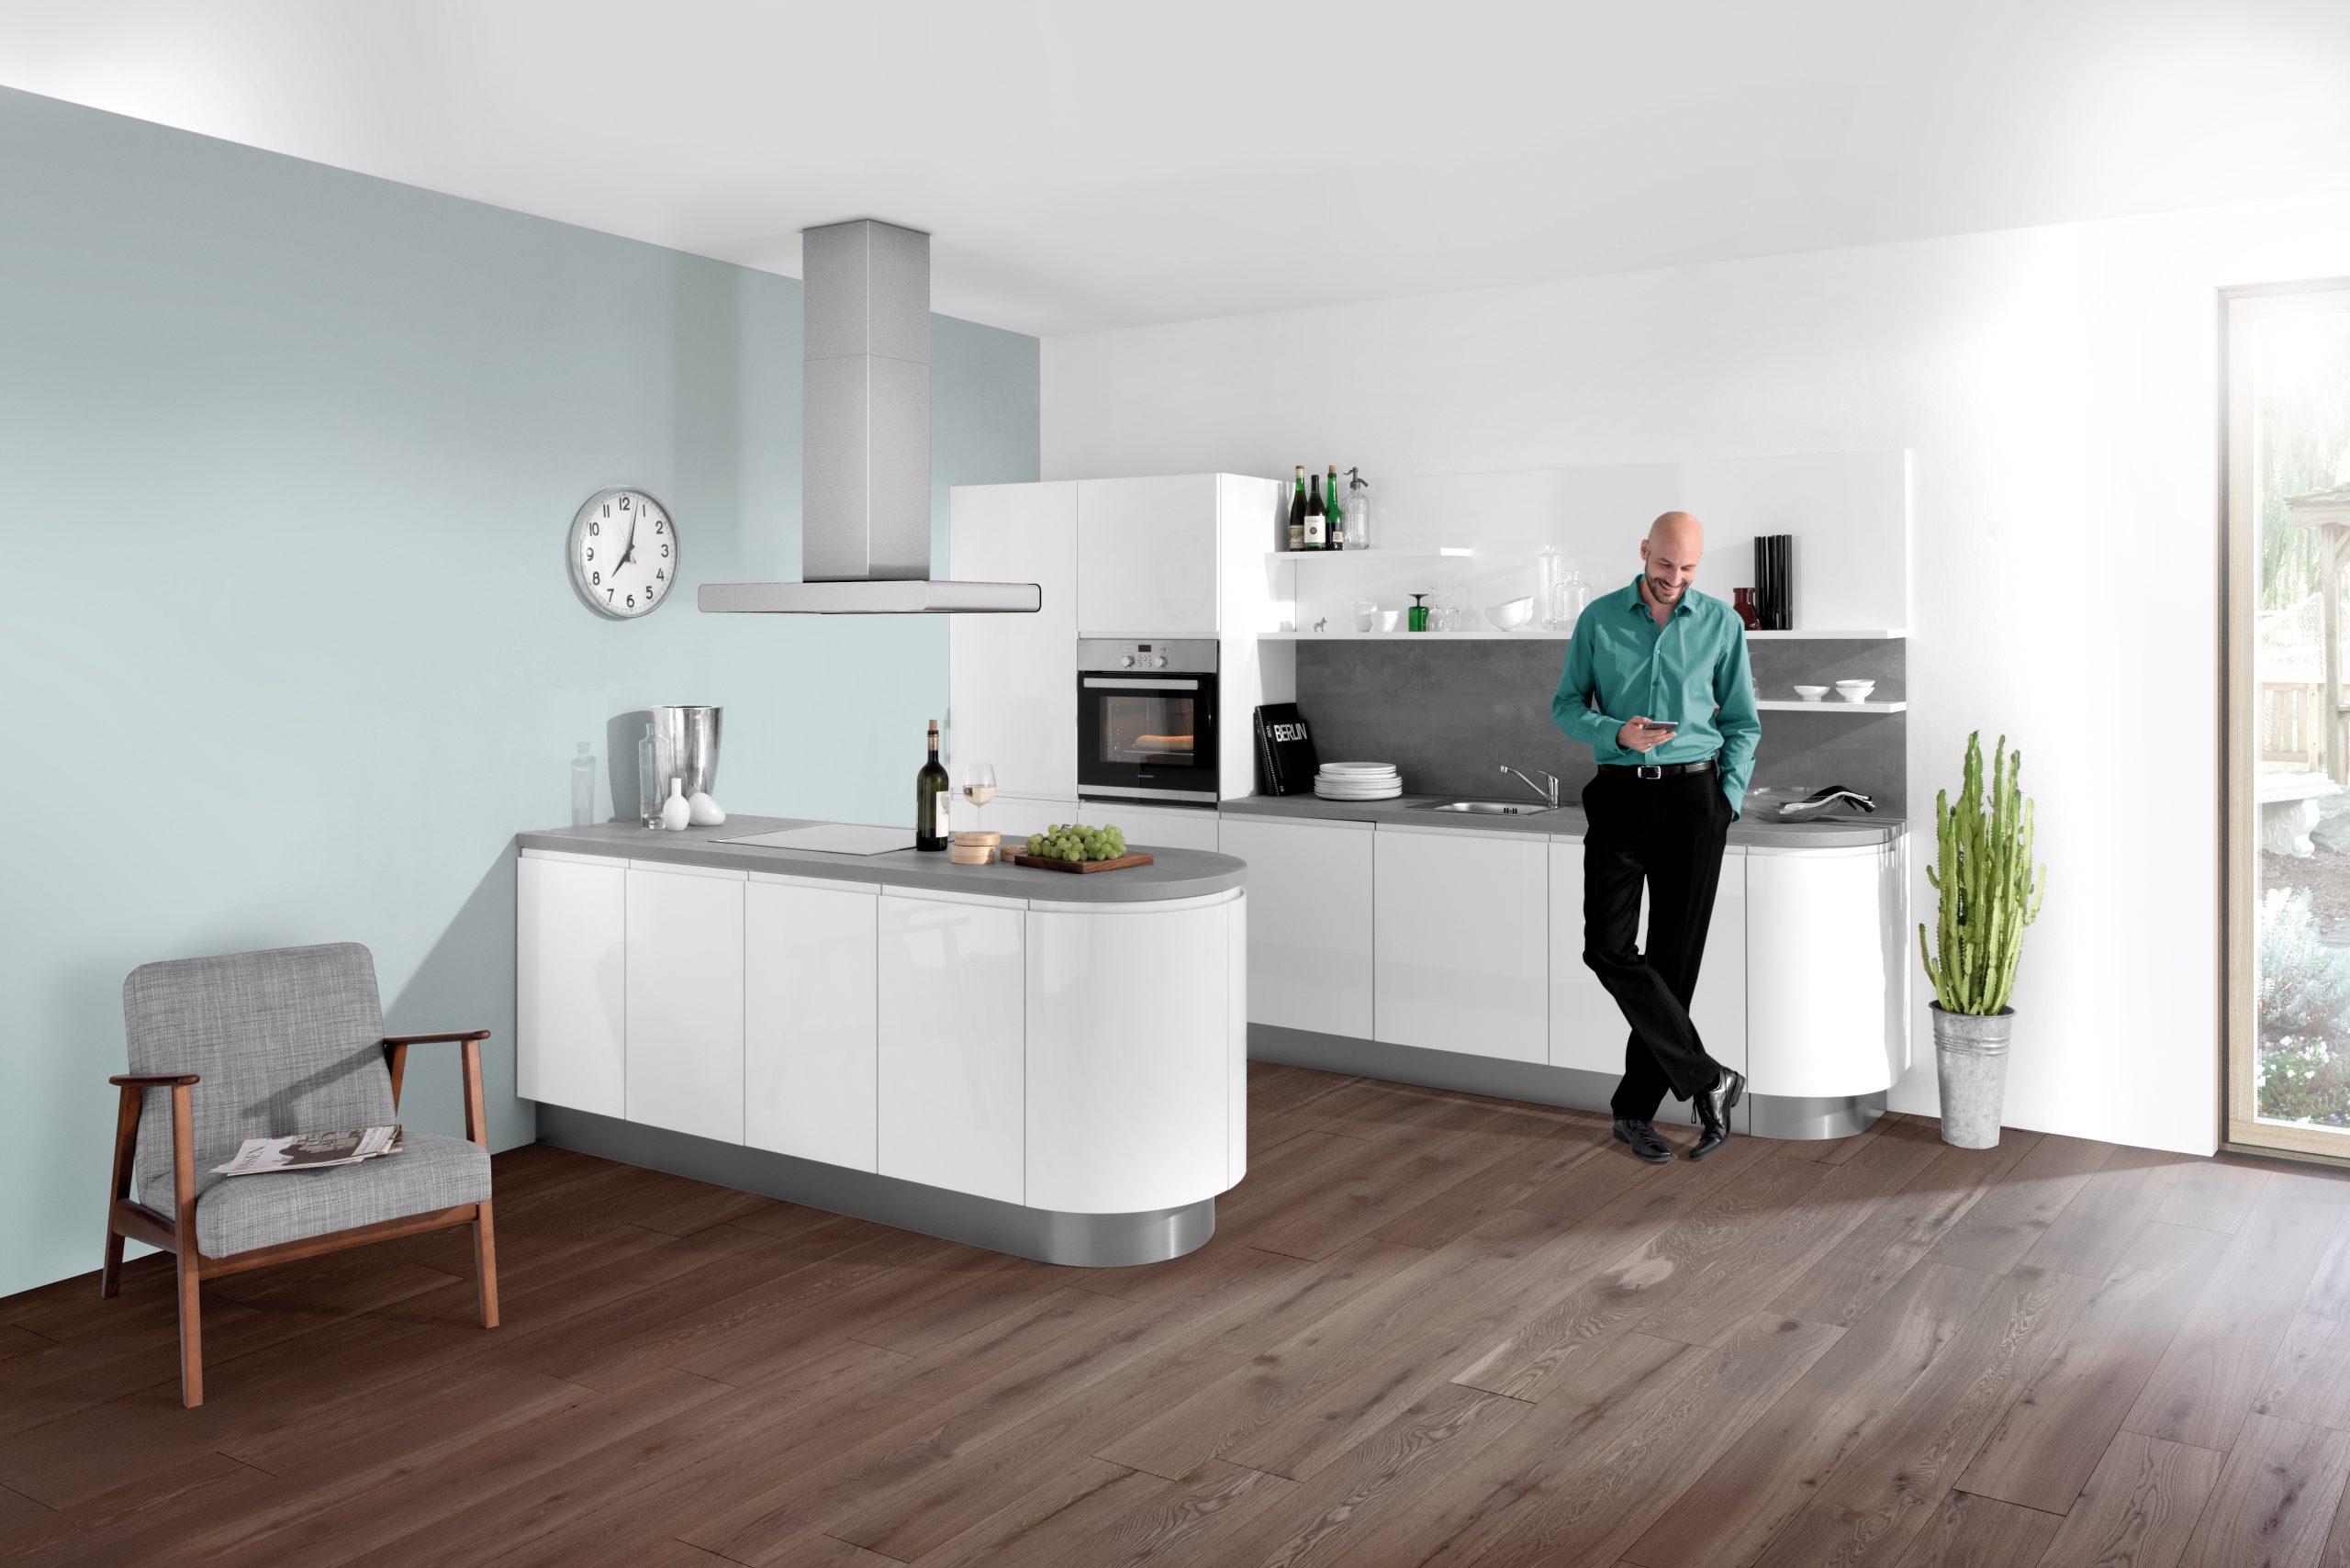 Full Size of Kleine Einbauküchen Billig Kleine Einbauküche Otto Einbauküche Für Kleine Räume Kleine Einbauküche Kosten Küche Kleine Einbauküche